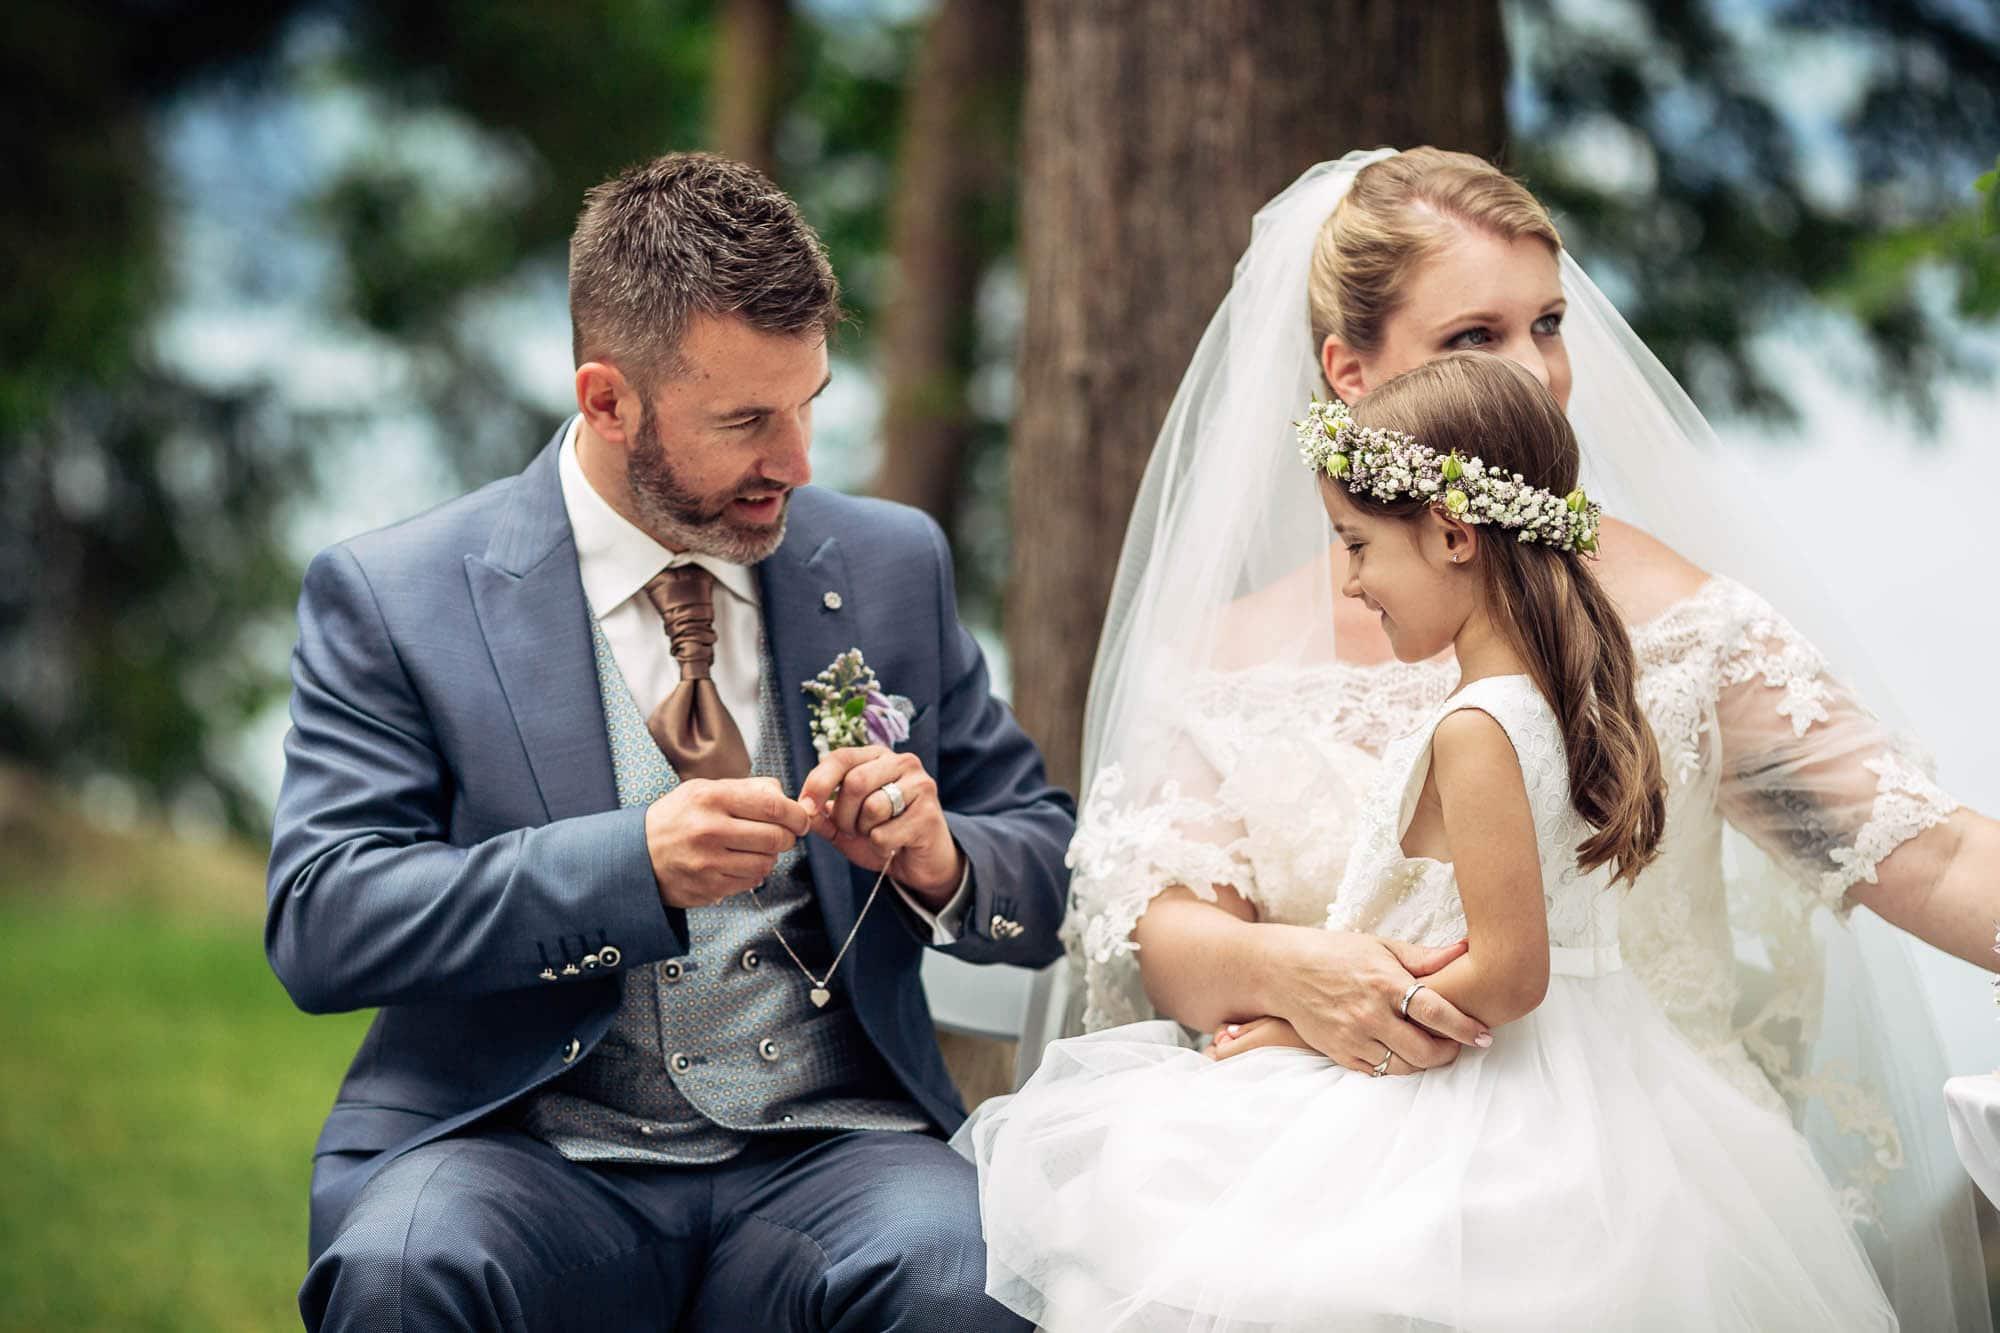 Tochter bekommt als Erinnerung an die Hochzeit einen Goldanhänger geschenkt